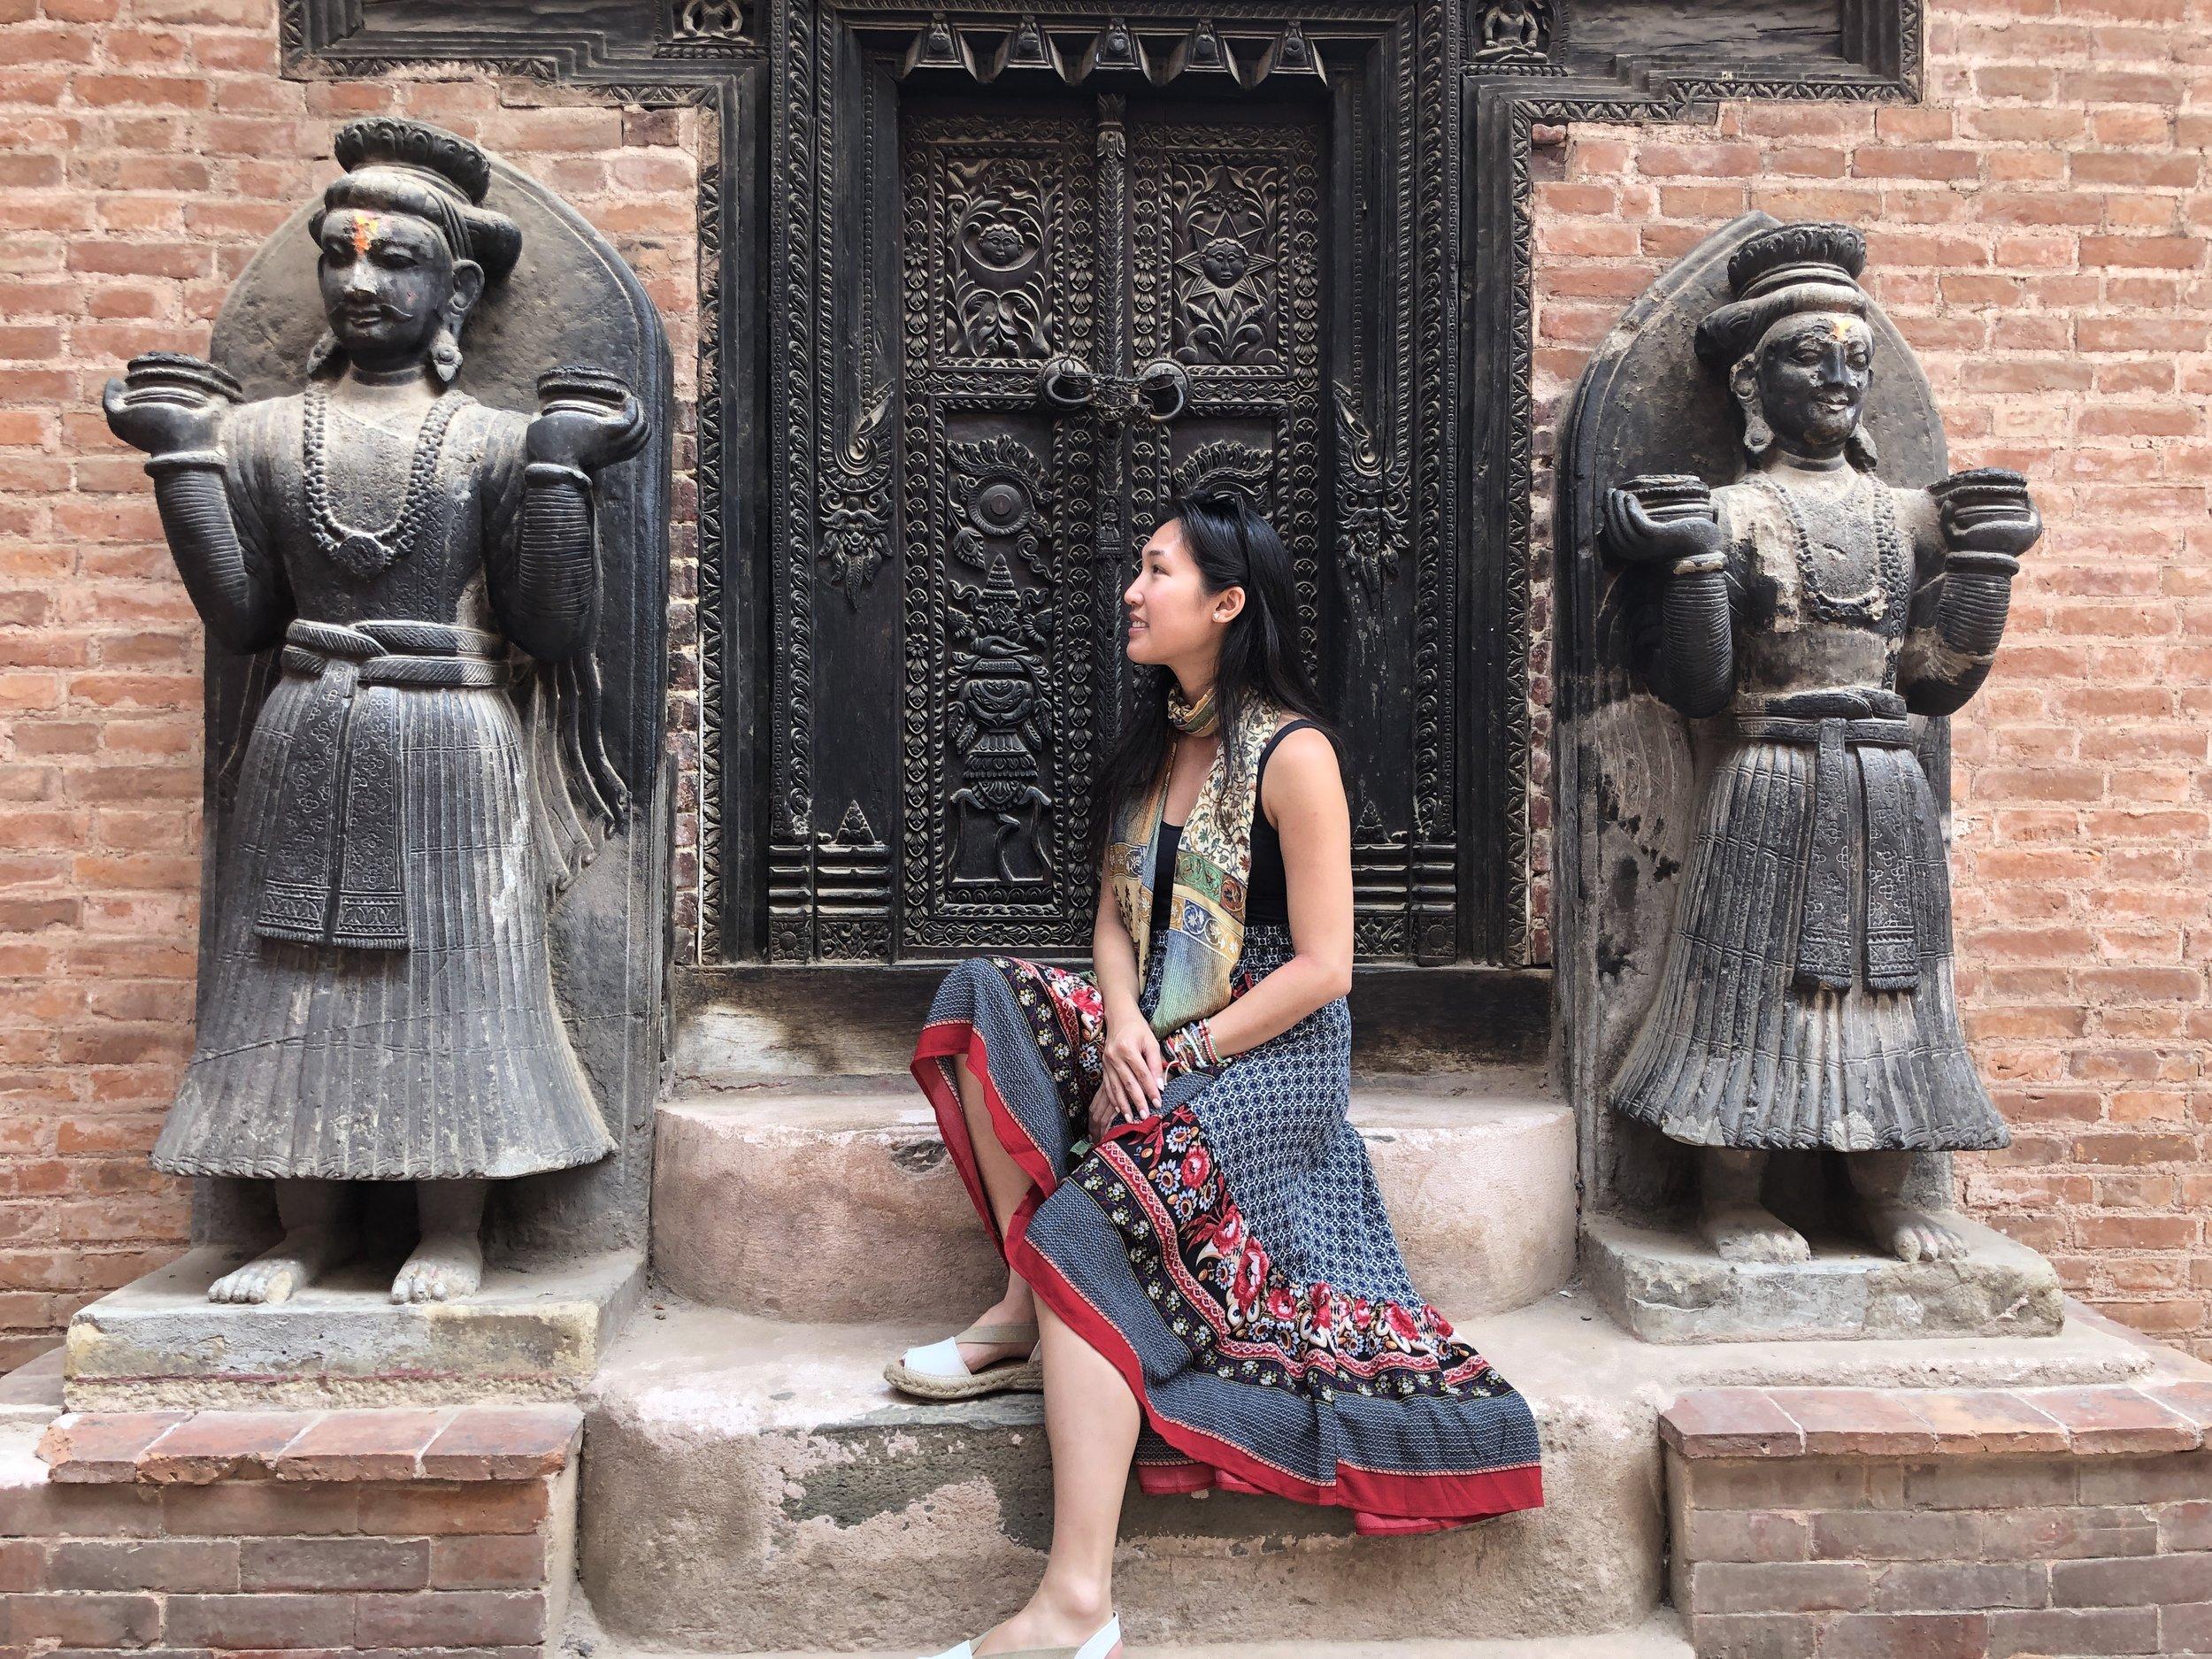 Exploring Bhaktapur.